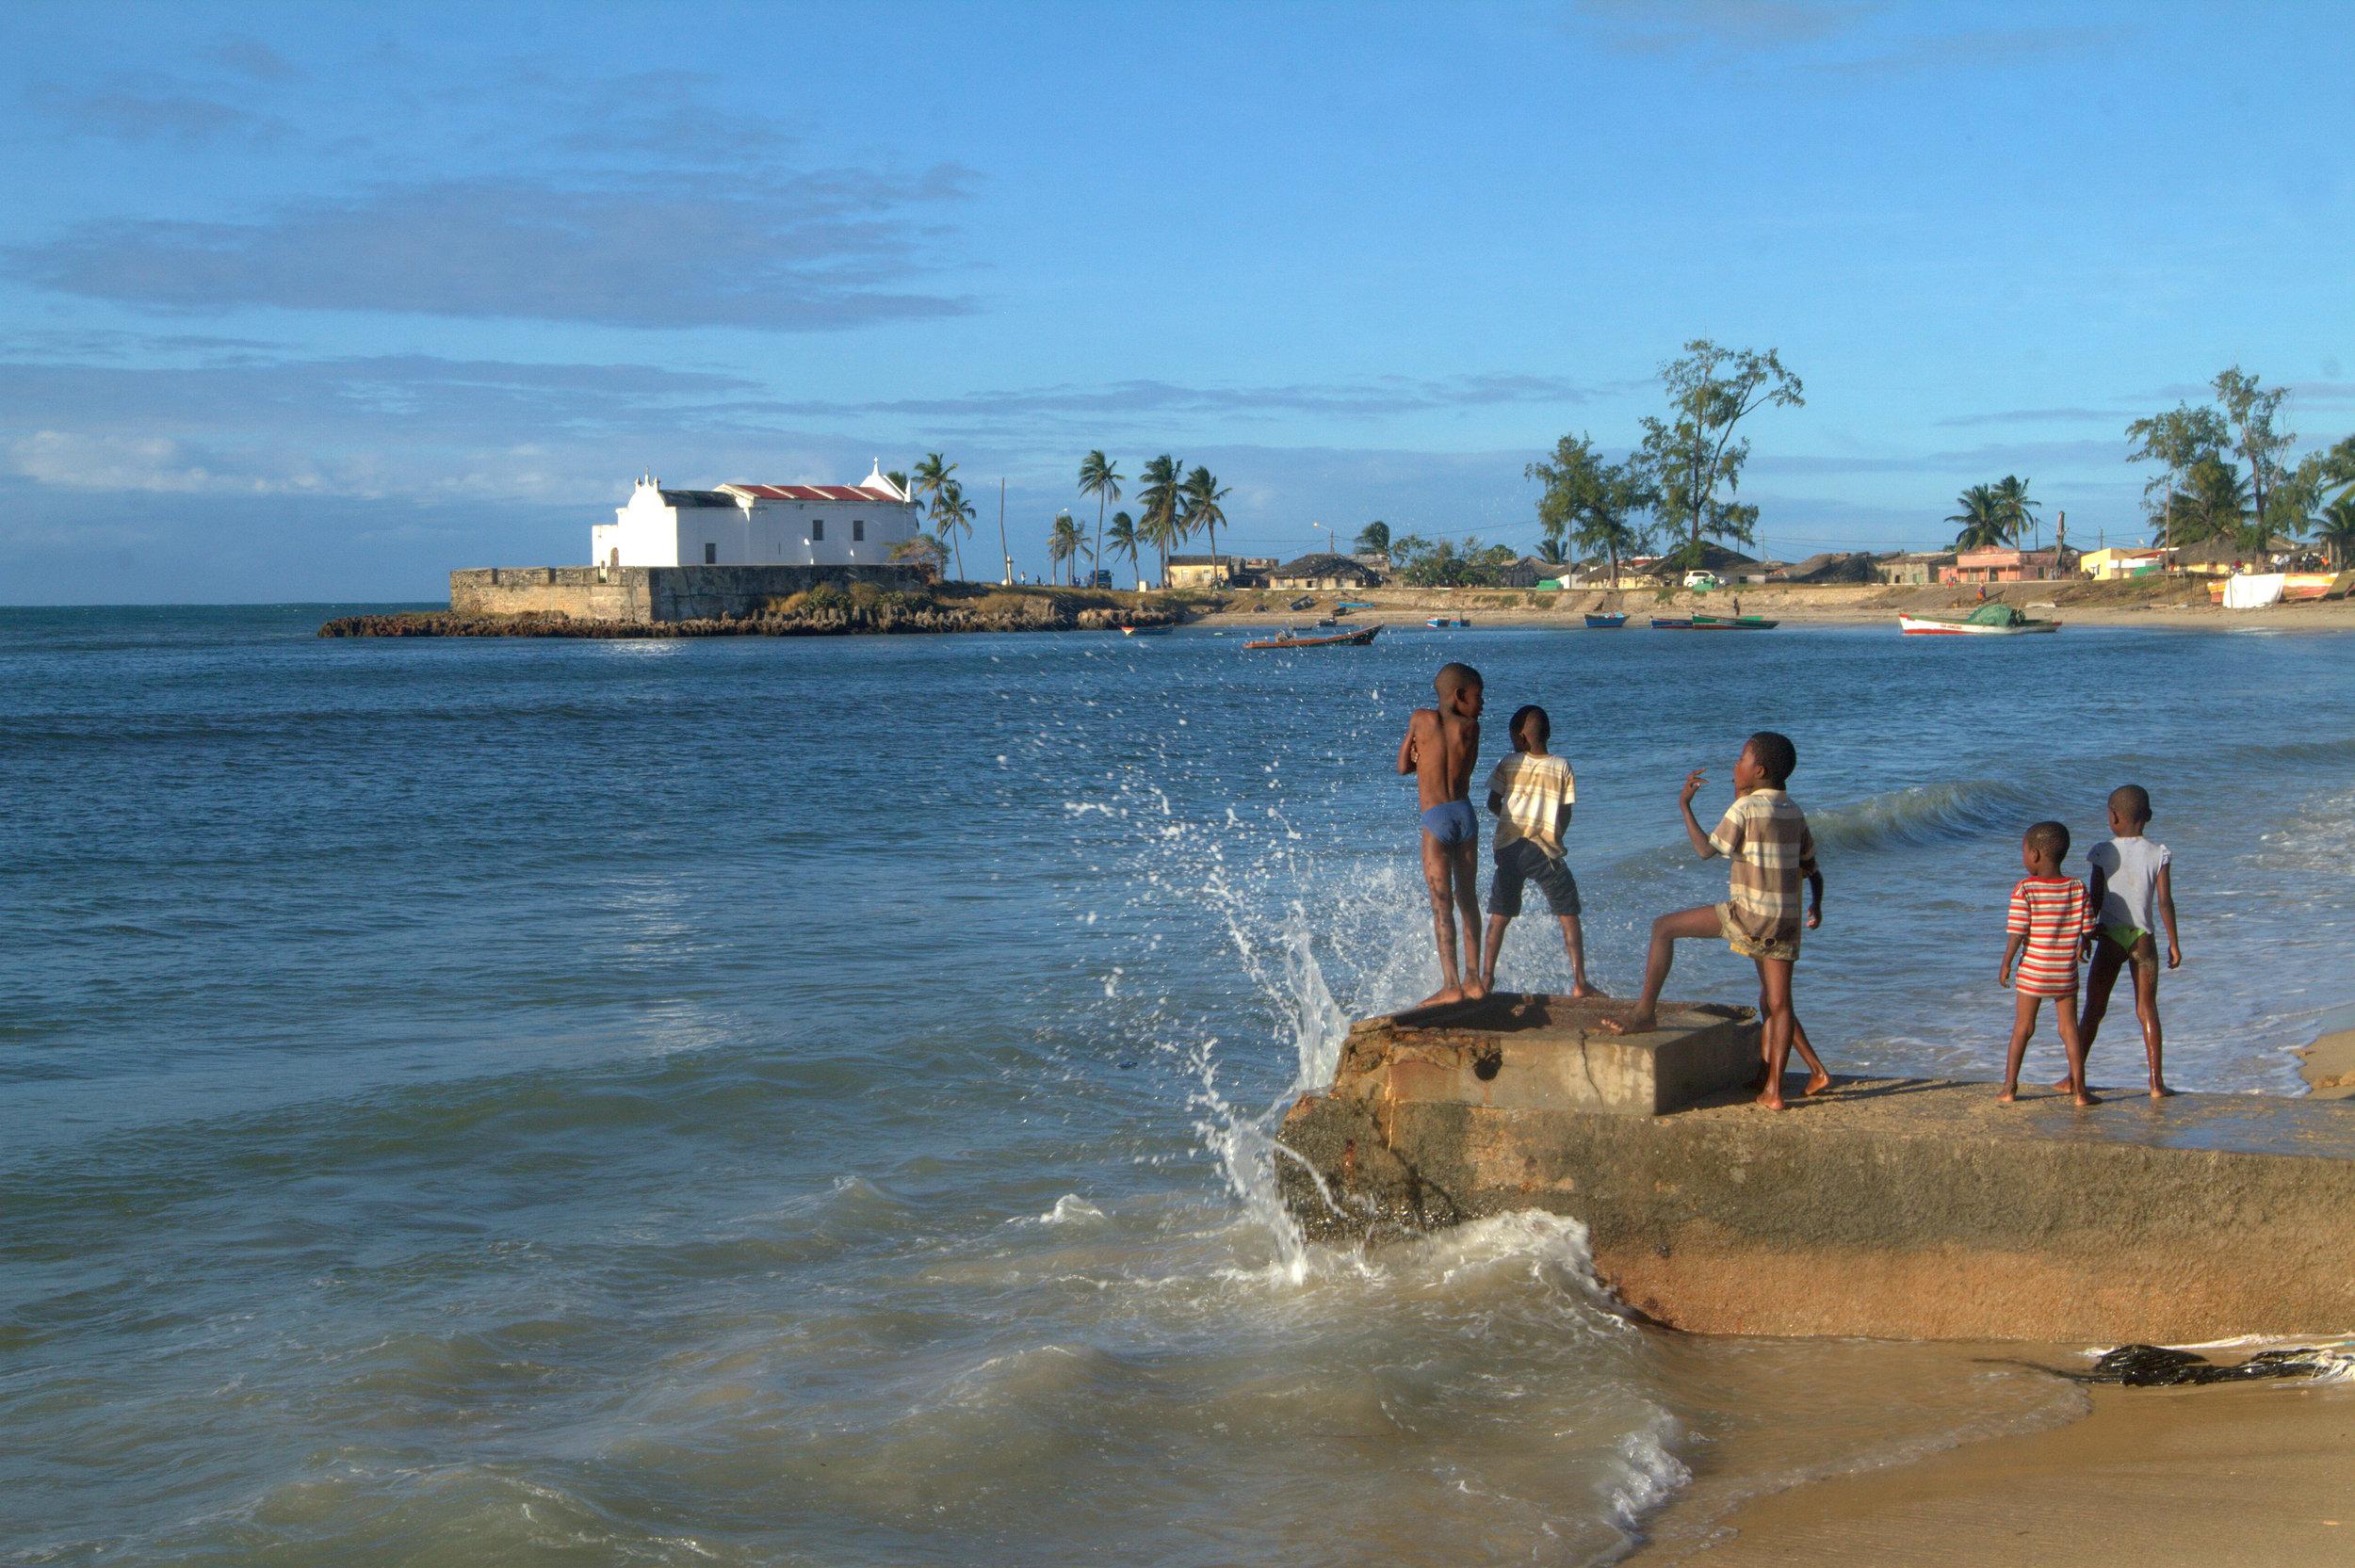 Ihla du Moçambique, Mozambique